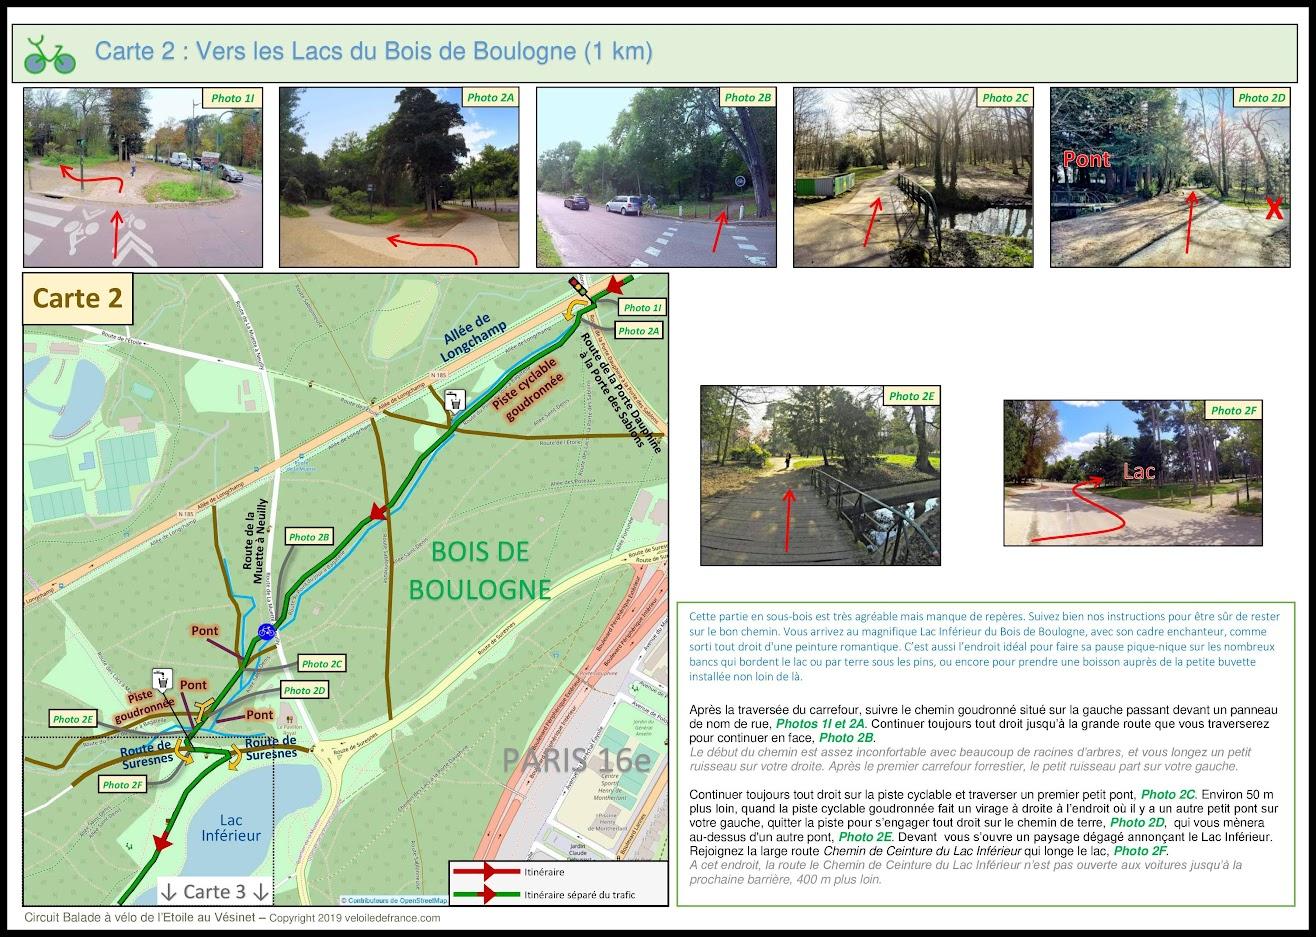 Carte 2 - Balade à vélo de Paris Etoile au Vésinet, la Seine des Impressionnistes par veloiledefrance.com